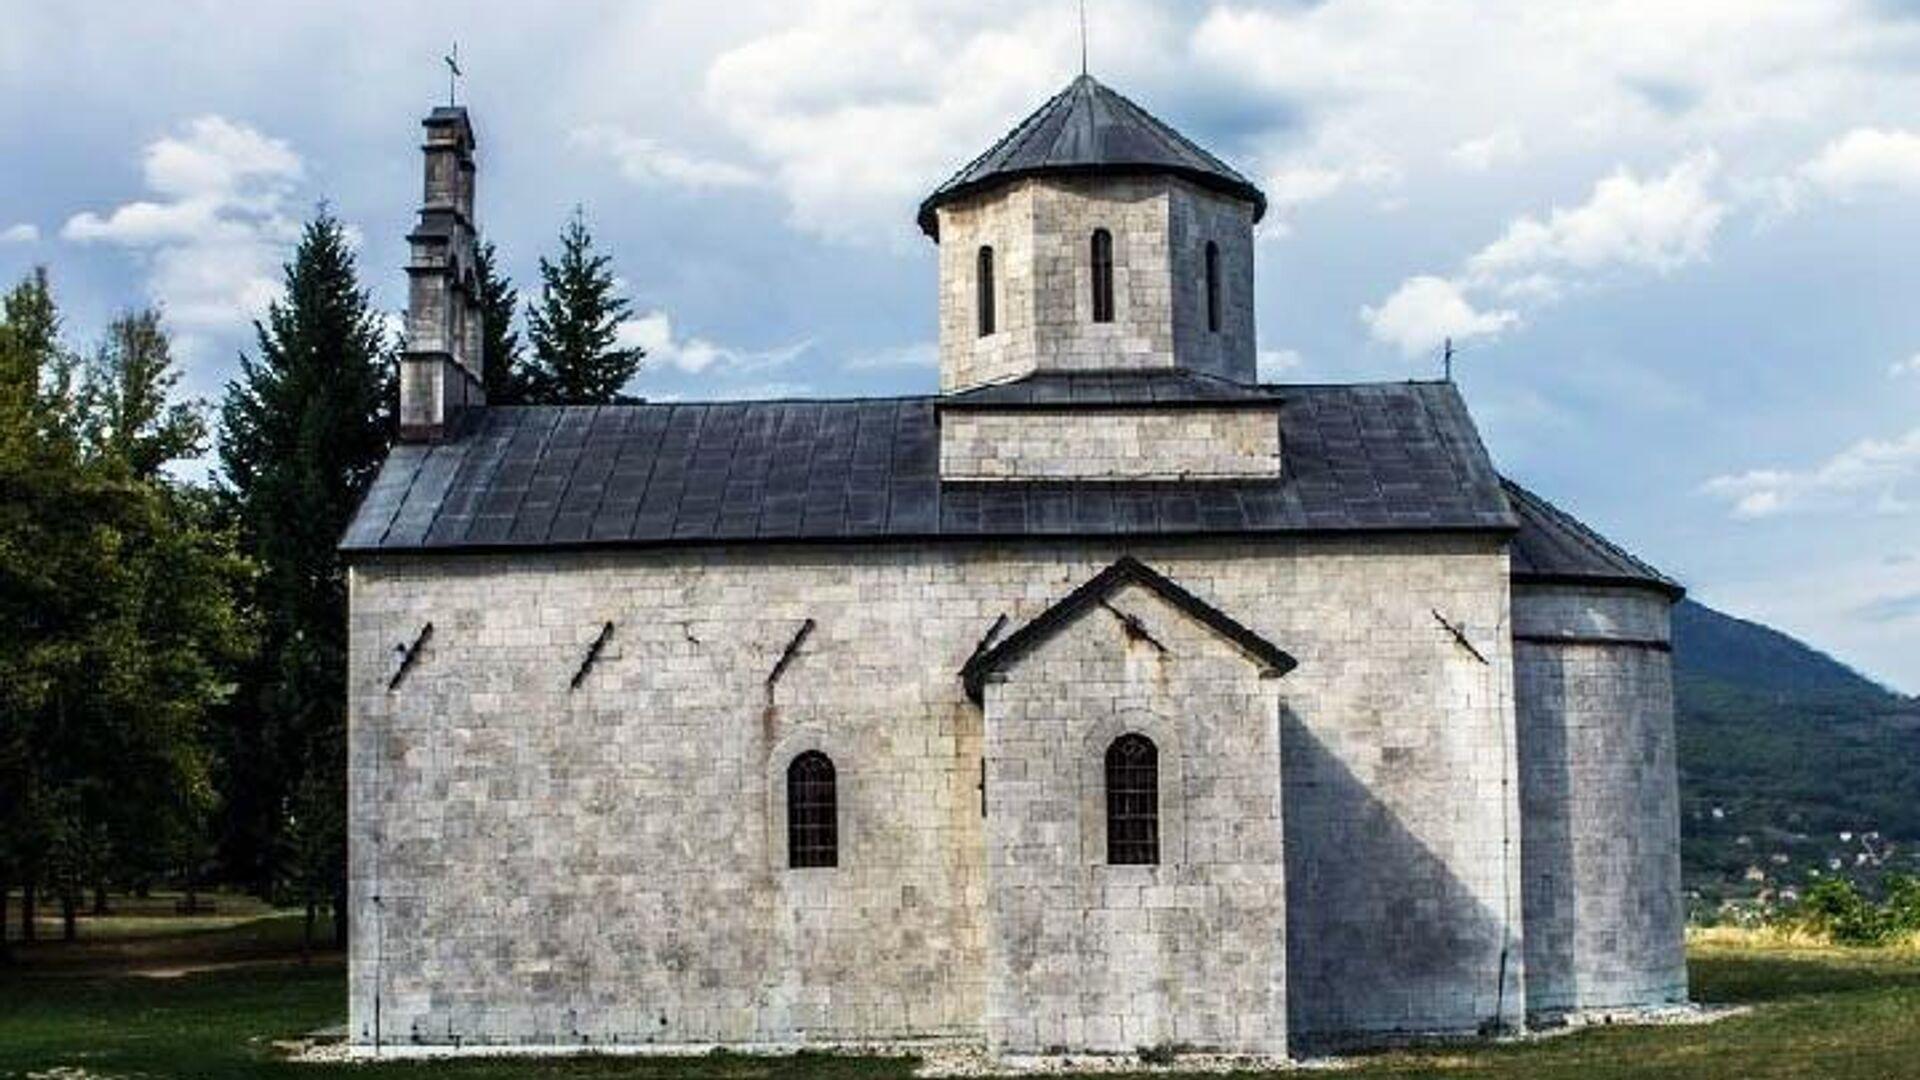 Crkva Svetog arhangela Mihaila na Knjaževcu u Andrijevici - Sputnik Srbija, 1920, 28.09.2021